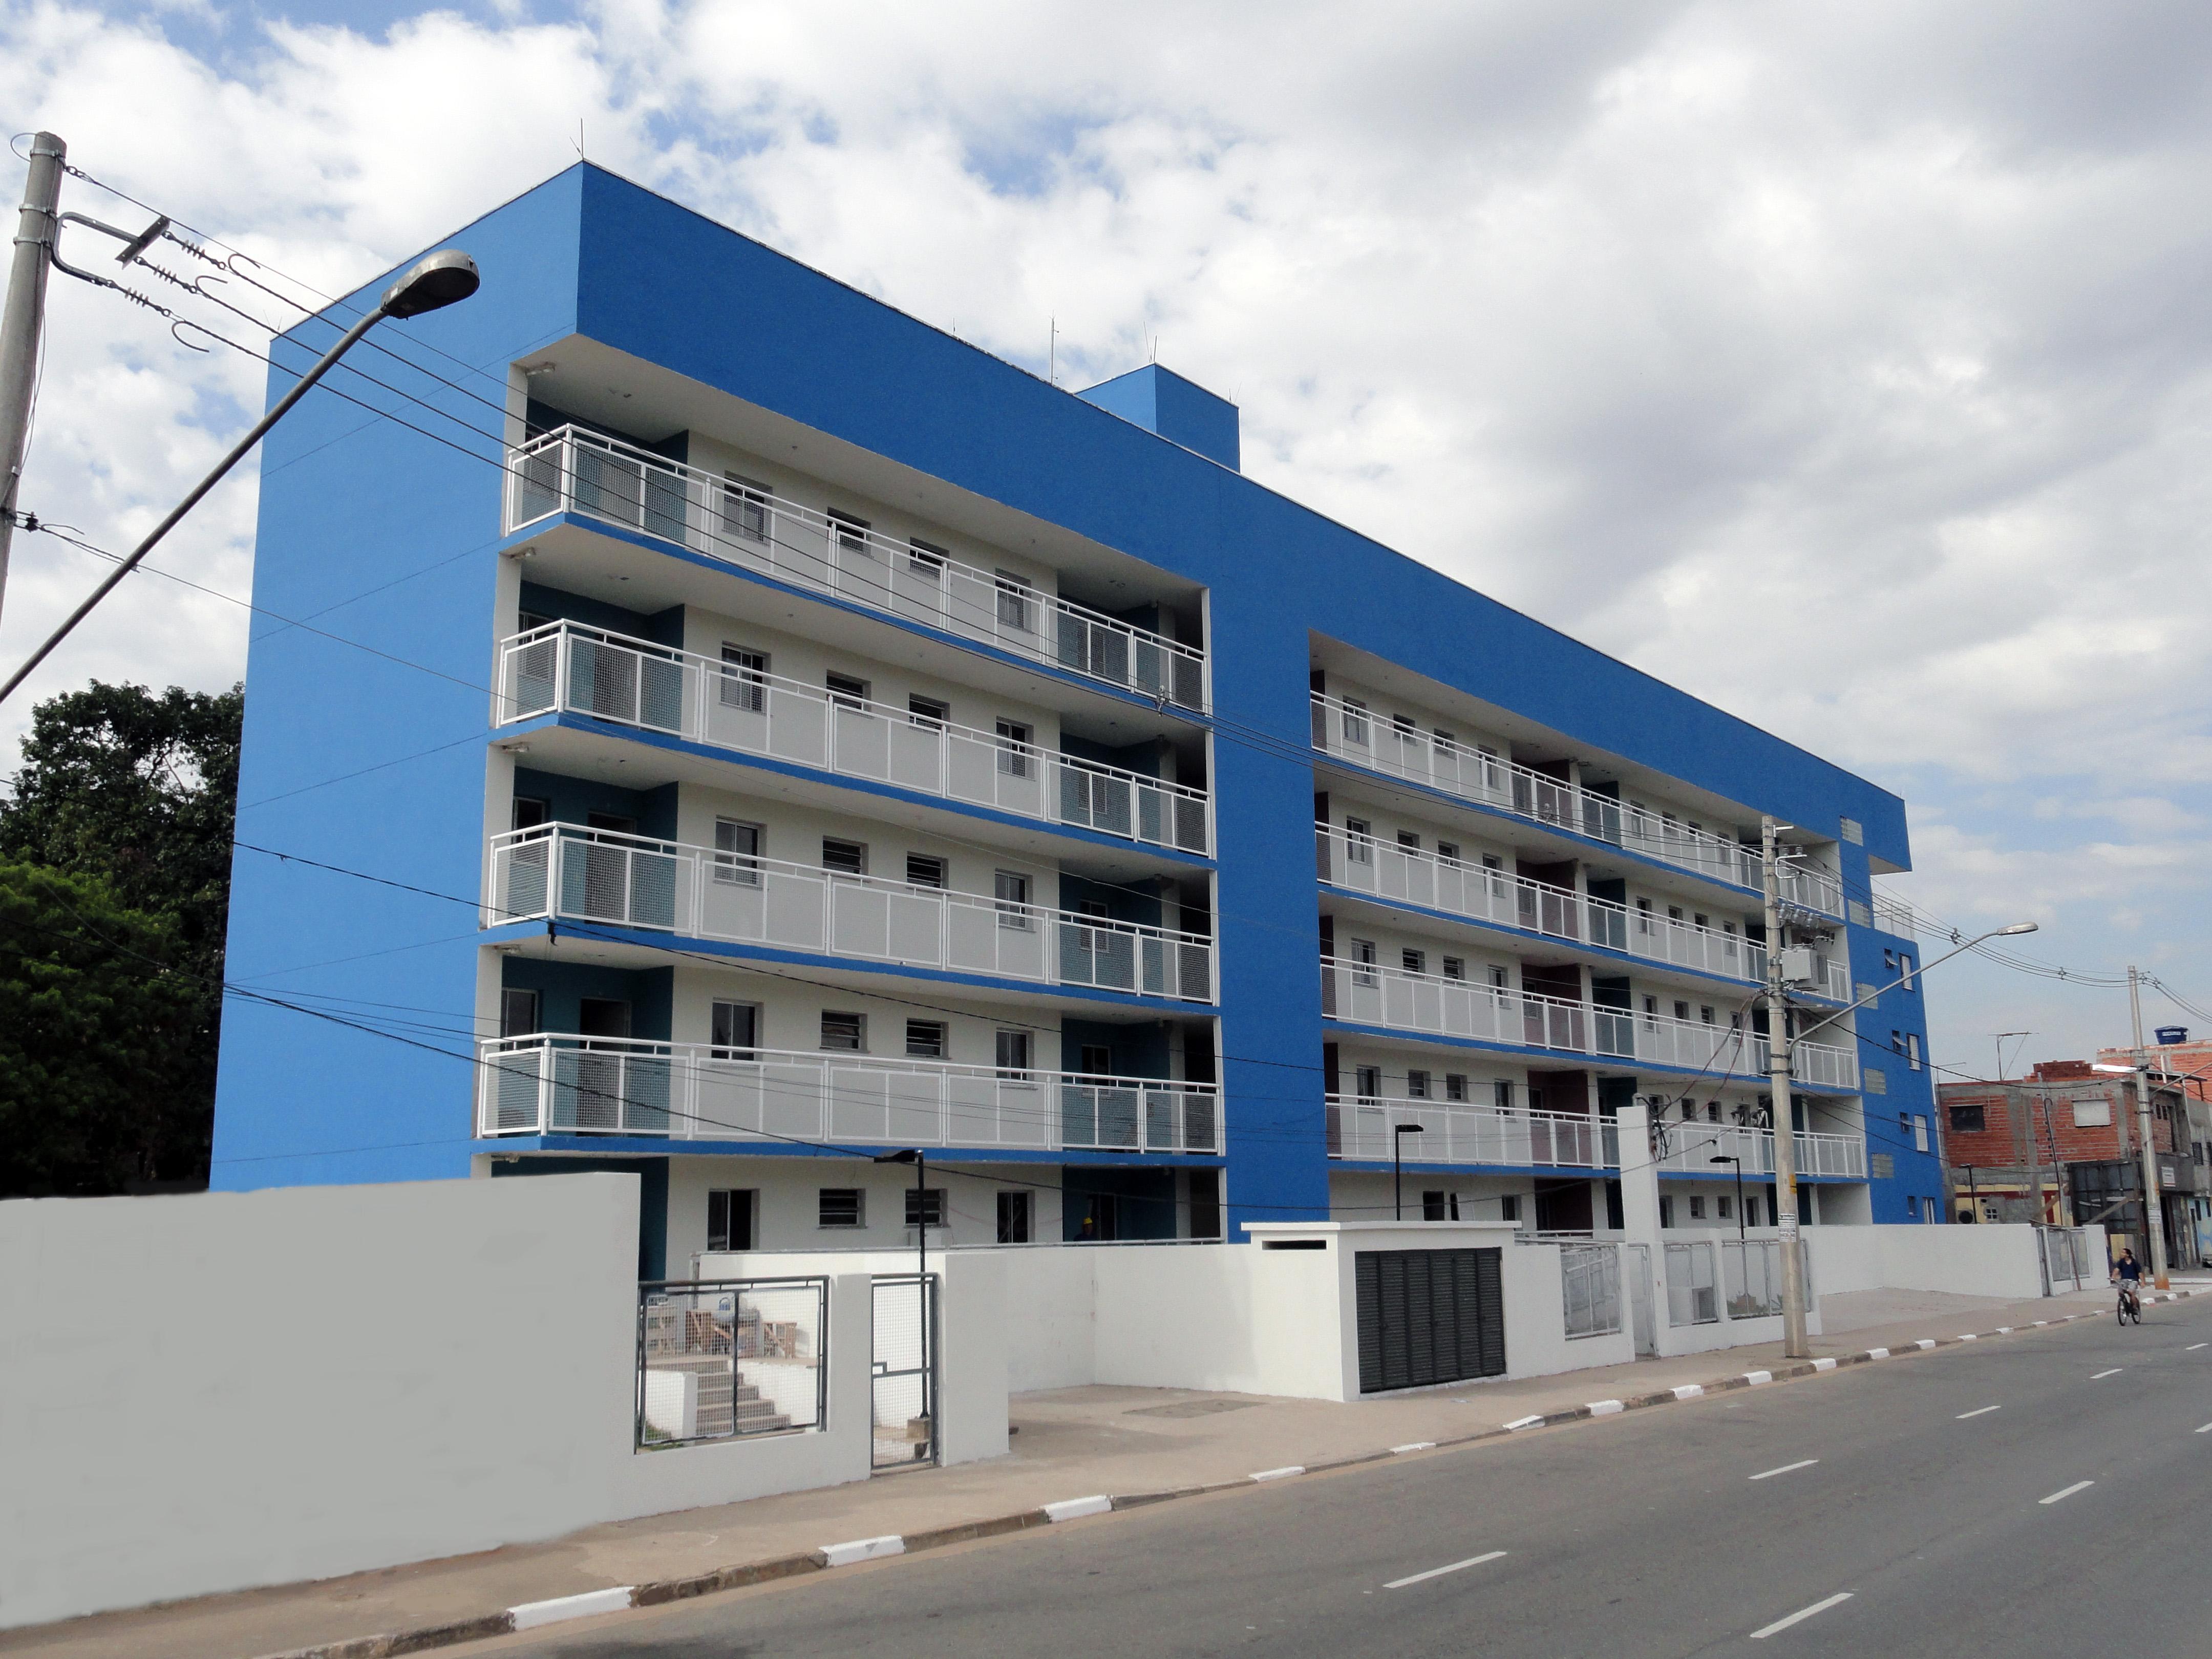 Habitação social com 40 apartamentos